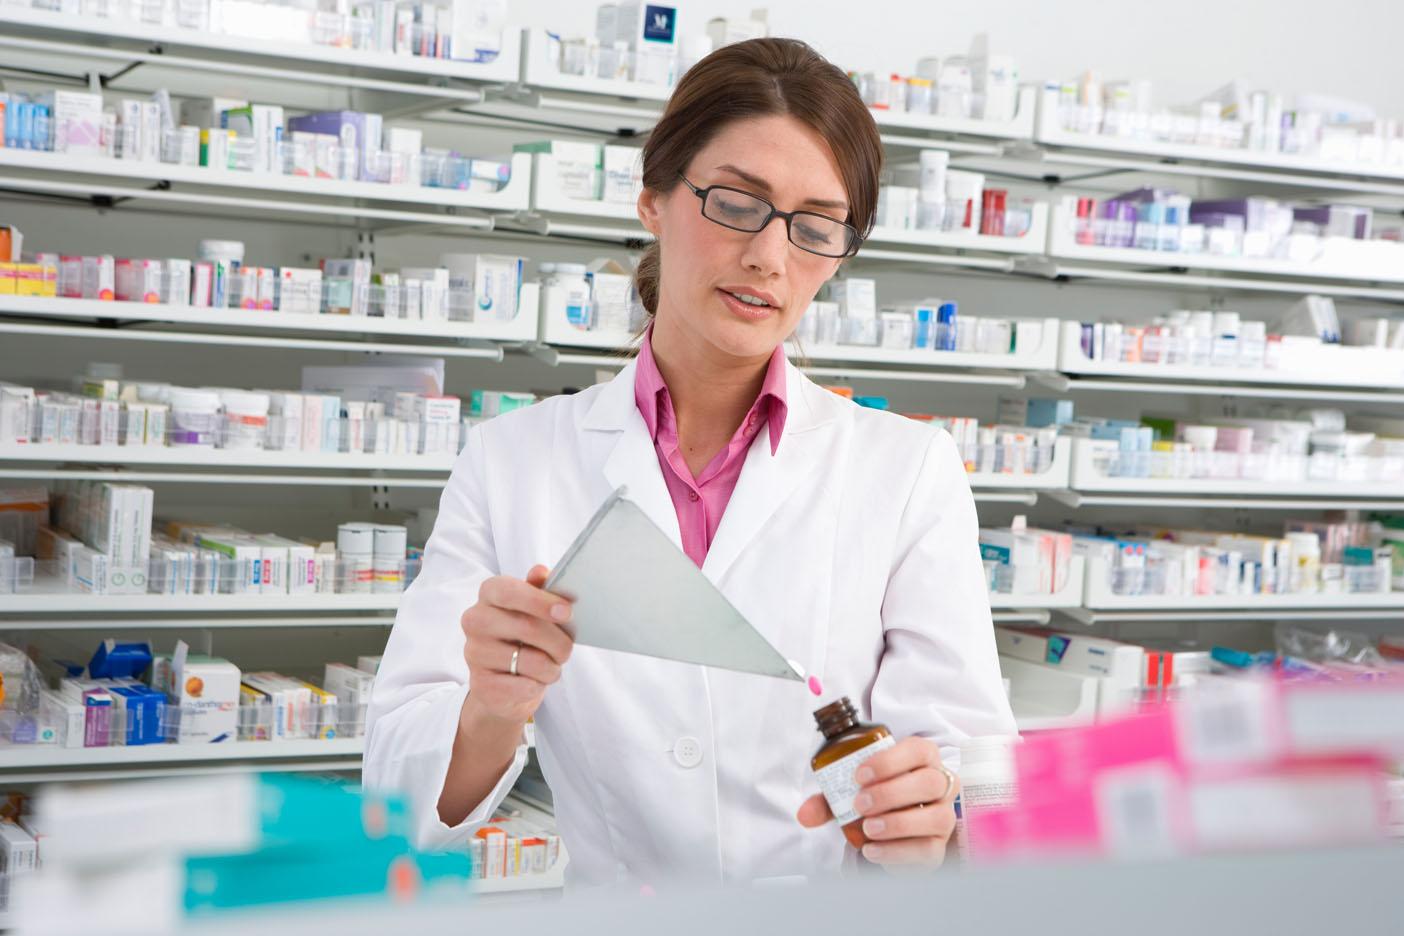 oficina de farmacia ciclo formativo tecnico farmacia y